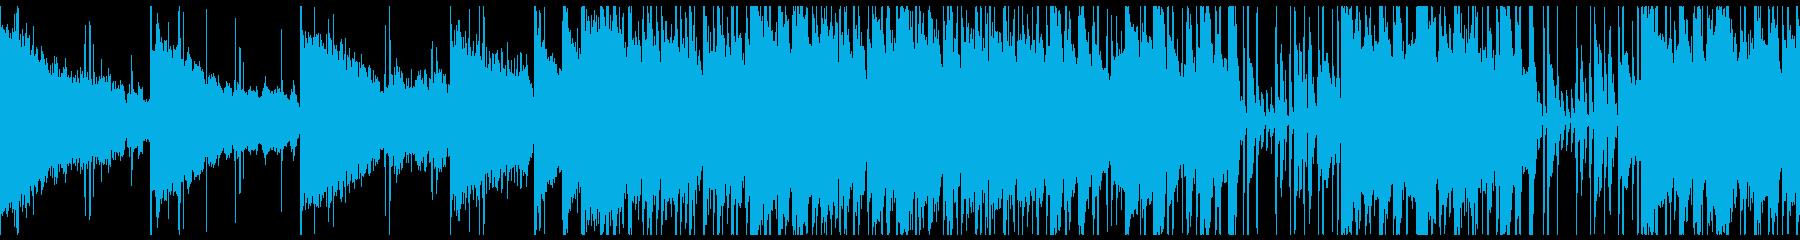 大人の雰囲気のバー・ラウンジR&Bの再生済みの波形